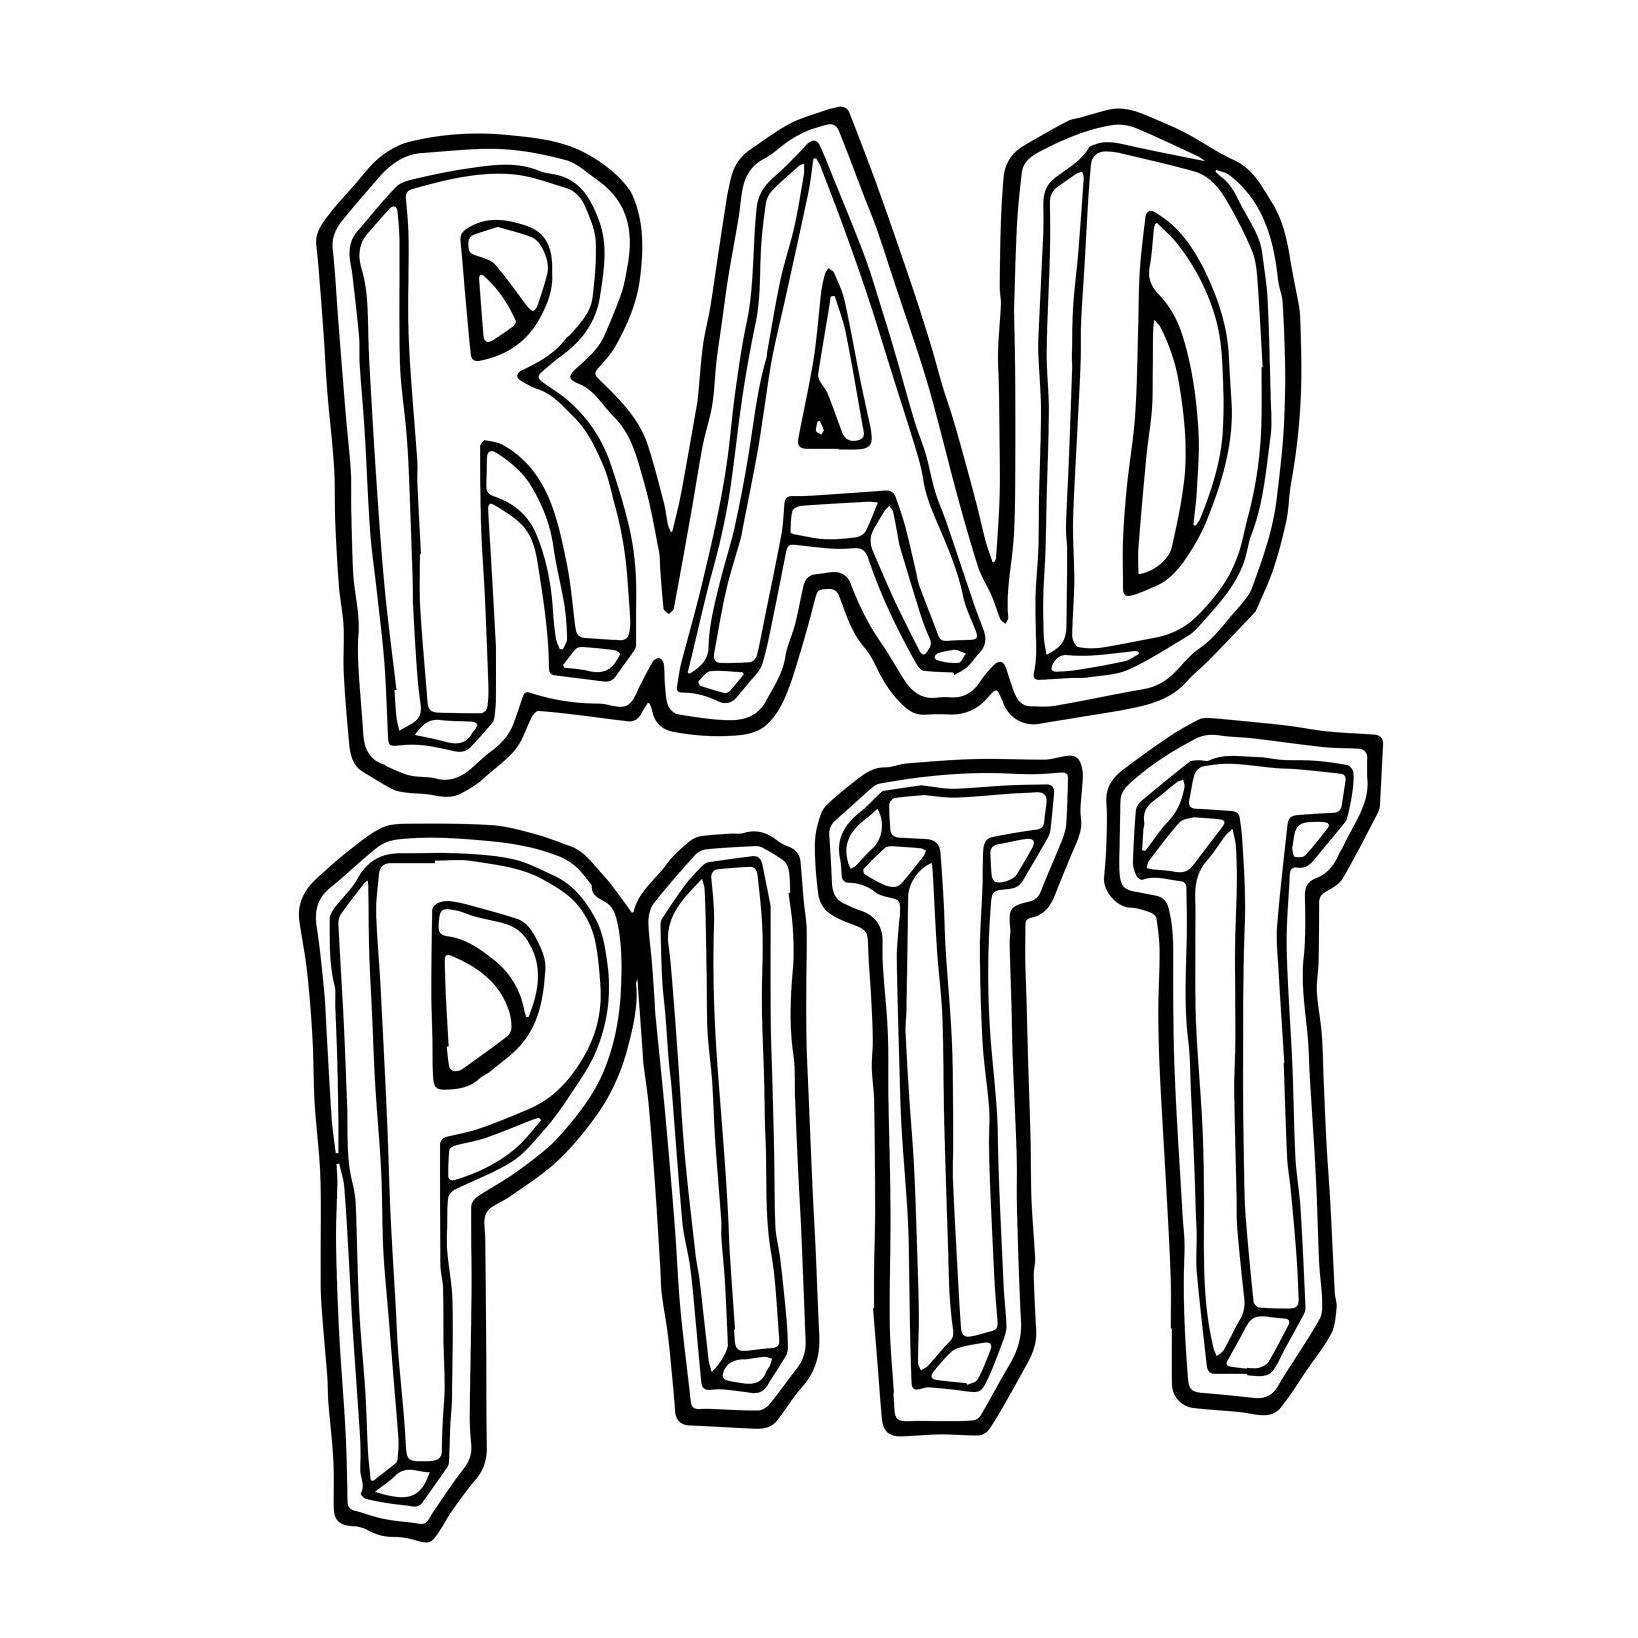 Rad Pitt Rad Pitt